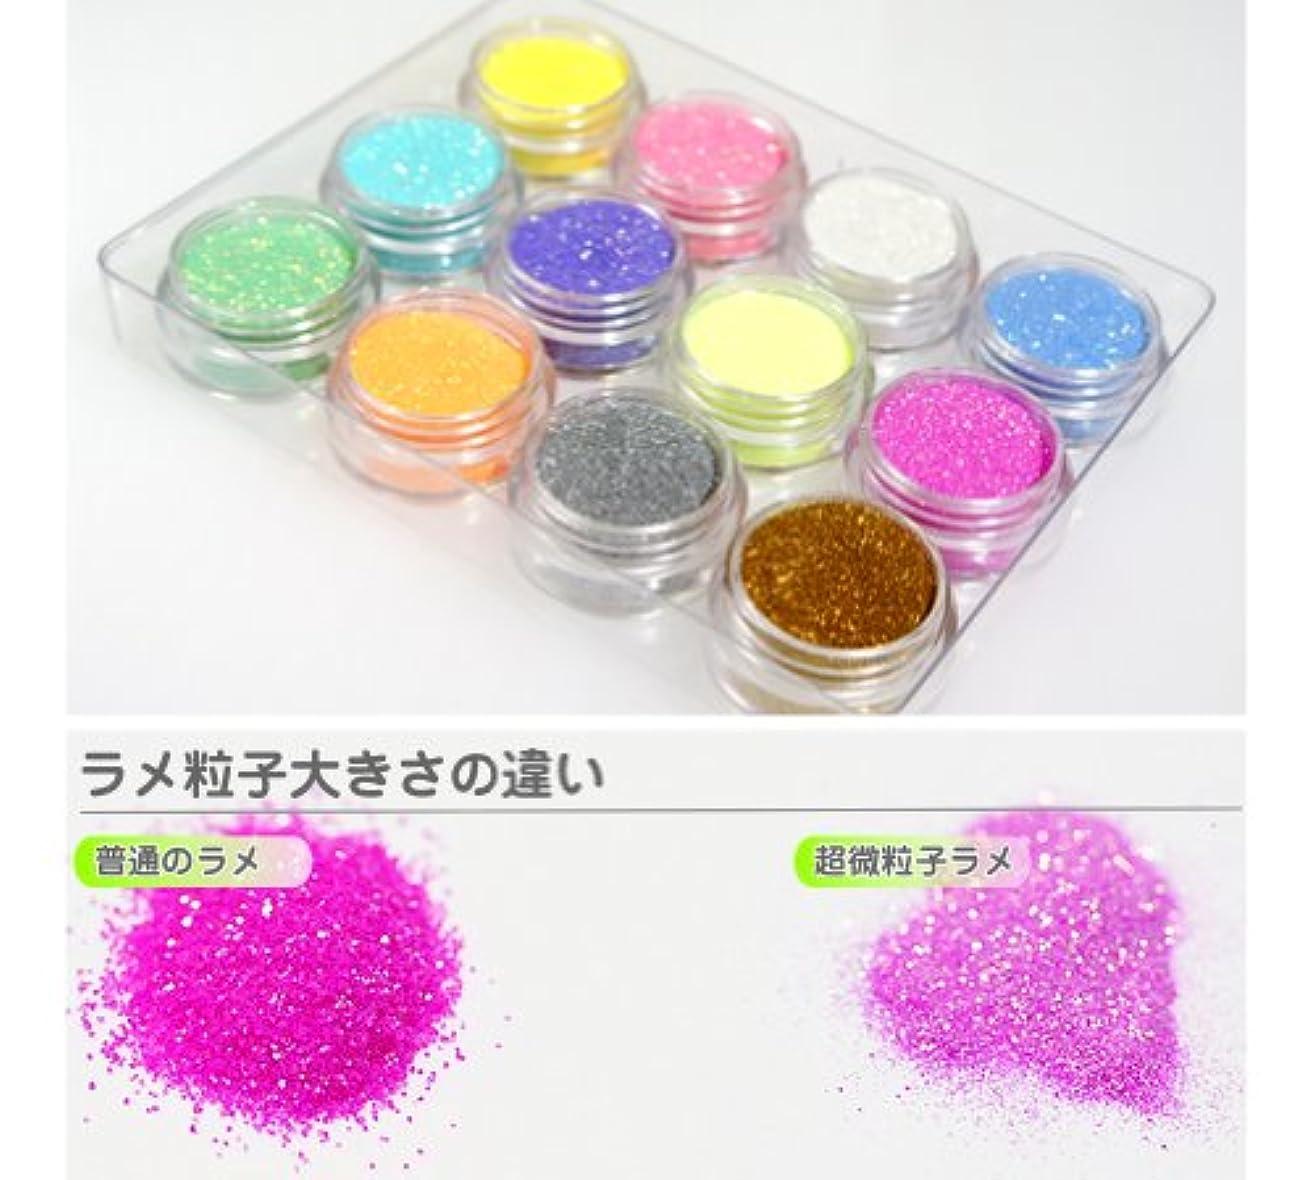 寄付する軸プラグネオコレクションオリジナル☆超微粒子ラメパウダー0.1mm、砂のようにサラサラで抜群の発色 ジェルネイルアートに!